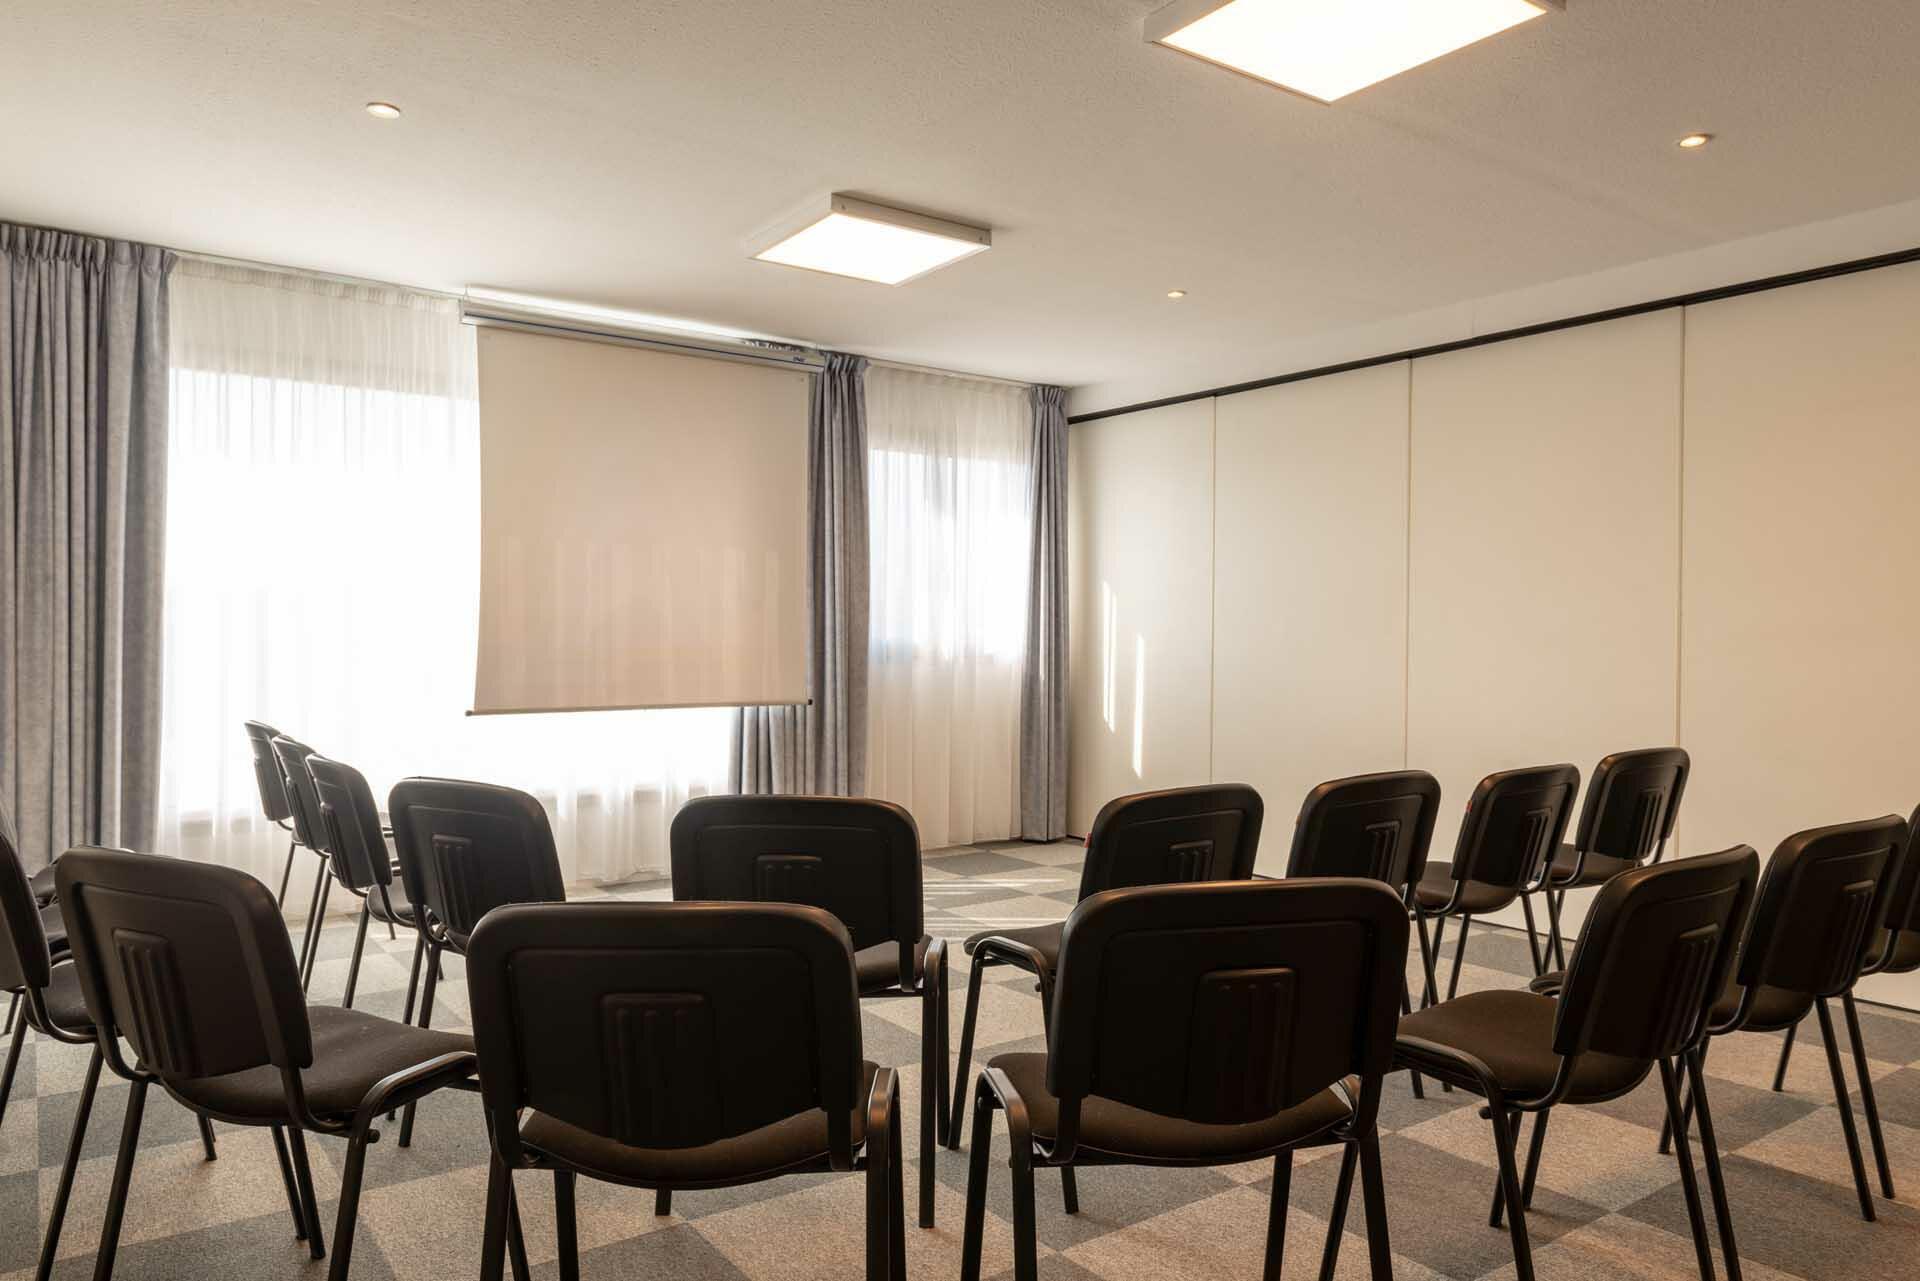 Event Room at Acropole Hôtel